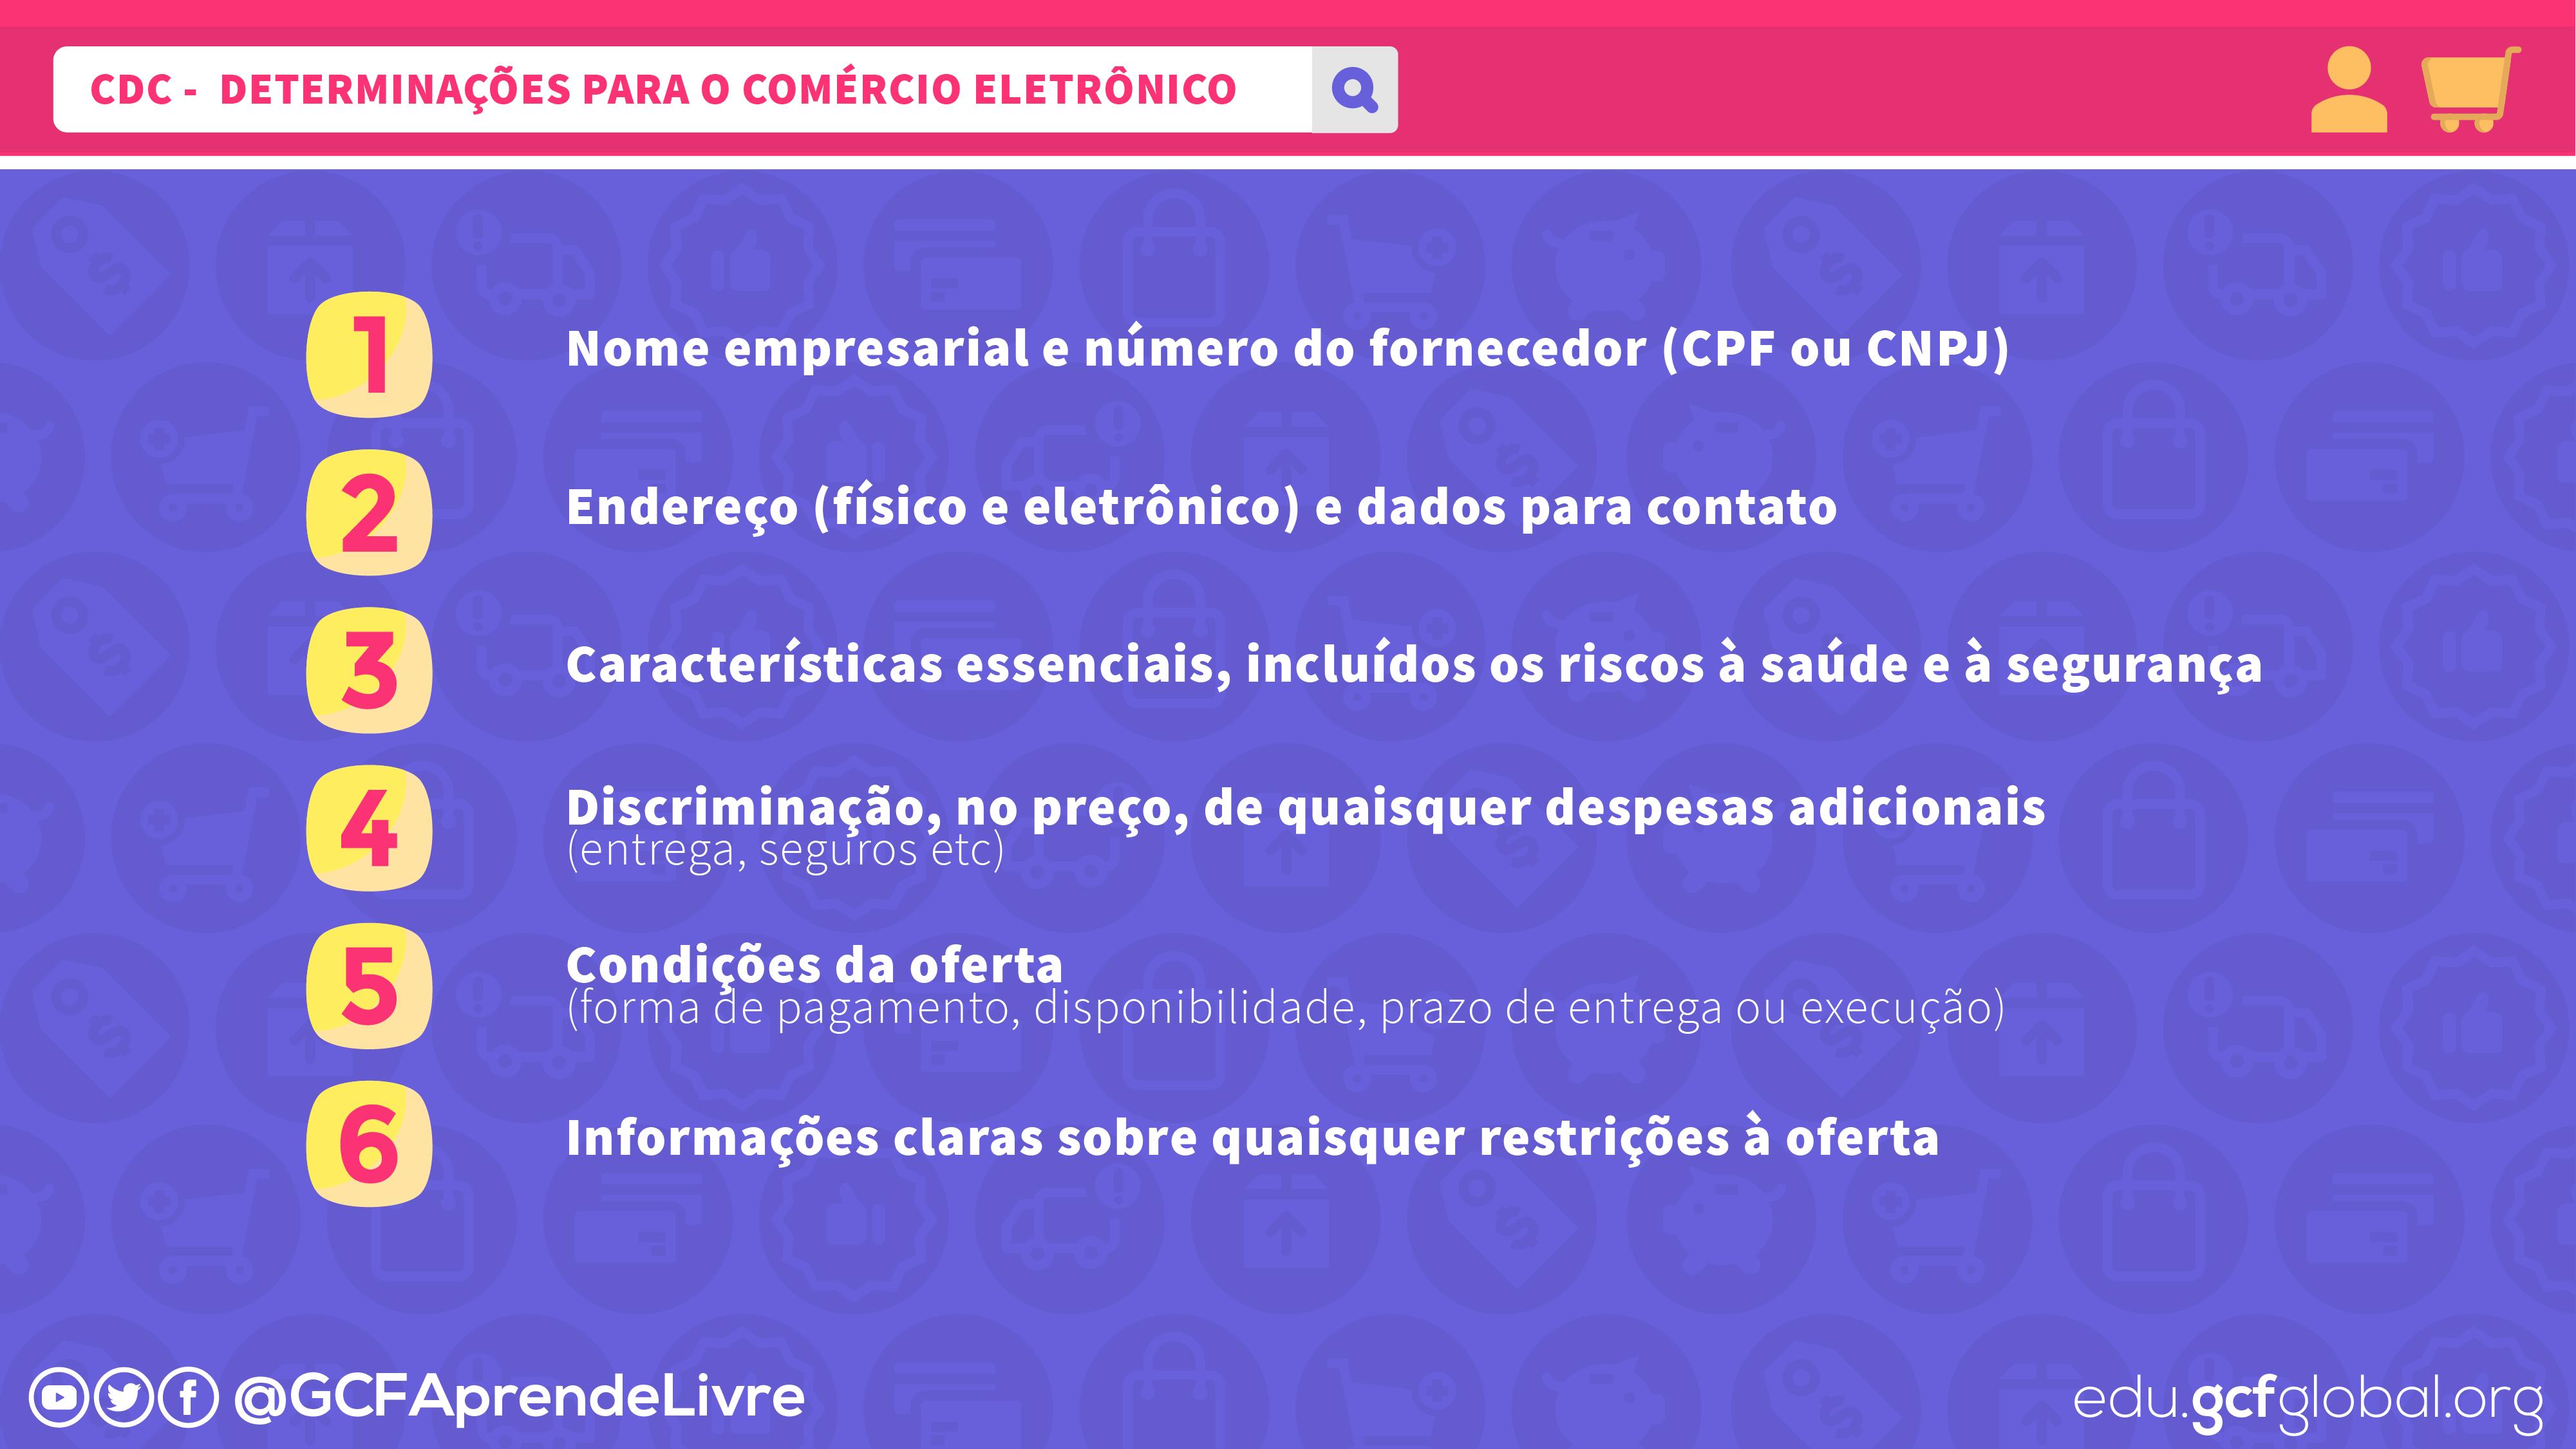 imagem 3 - resumo do que determina o código de defesa do consumidor para o comércio eletrônico